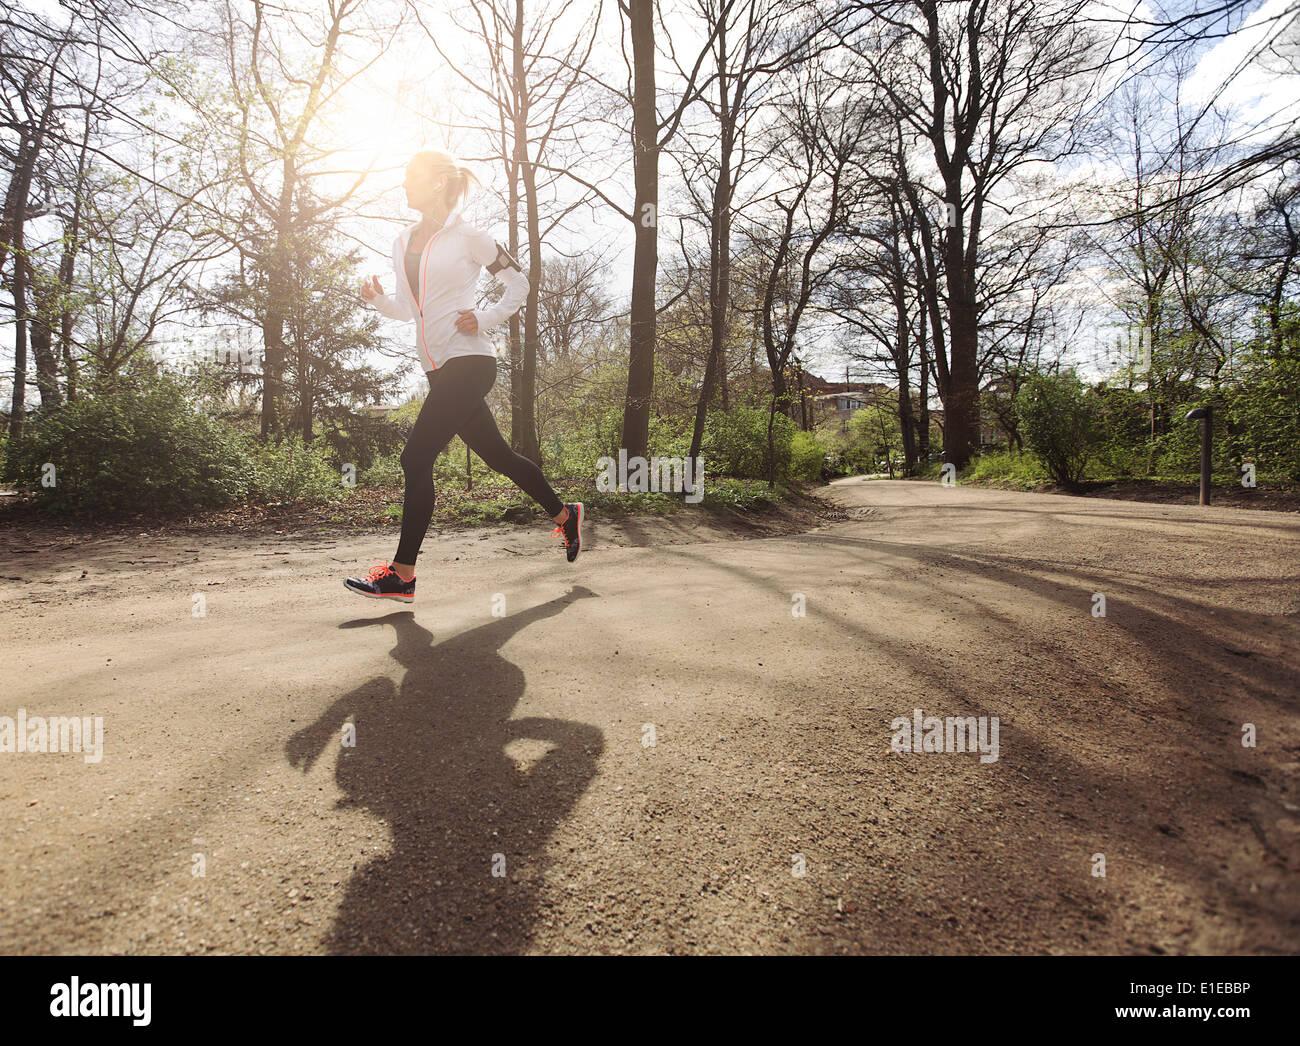 Jeune femme en bonne santé jogging en parc. Modèle féminin de remise en forme d'exécution en forêt. Modèle de remise Banque D'Images